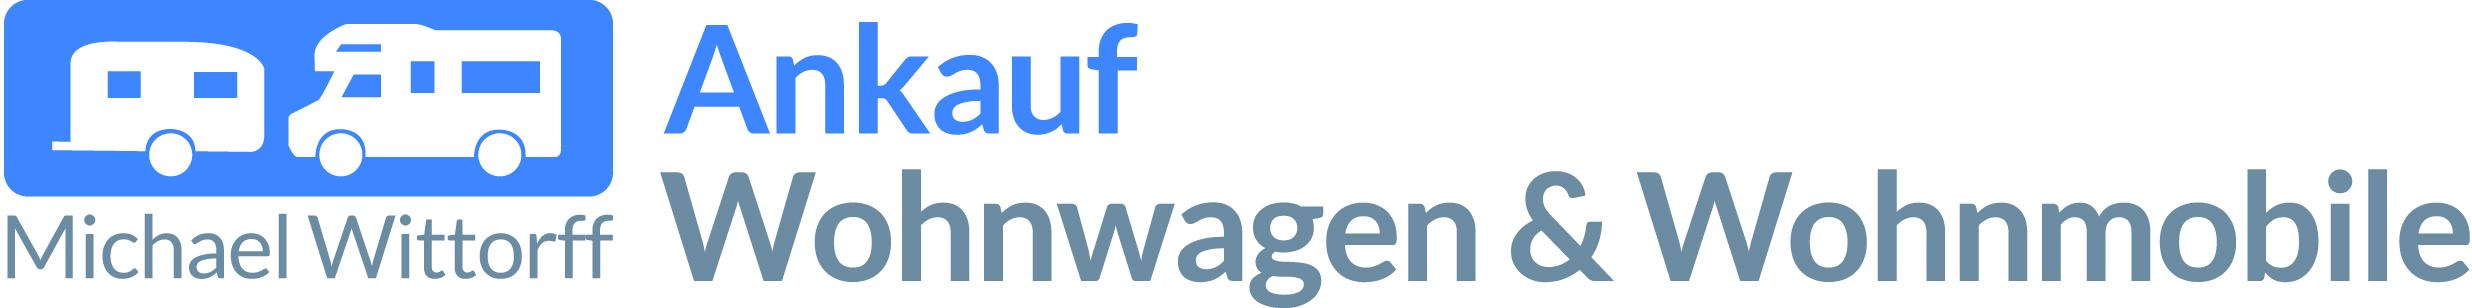 Logo Ankauf Wohnwagen